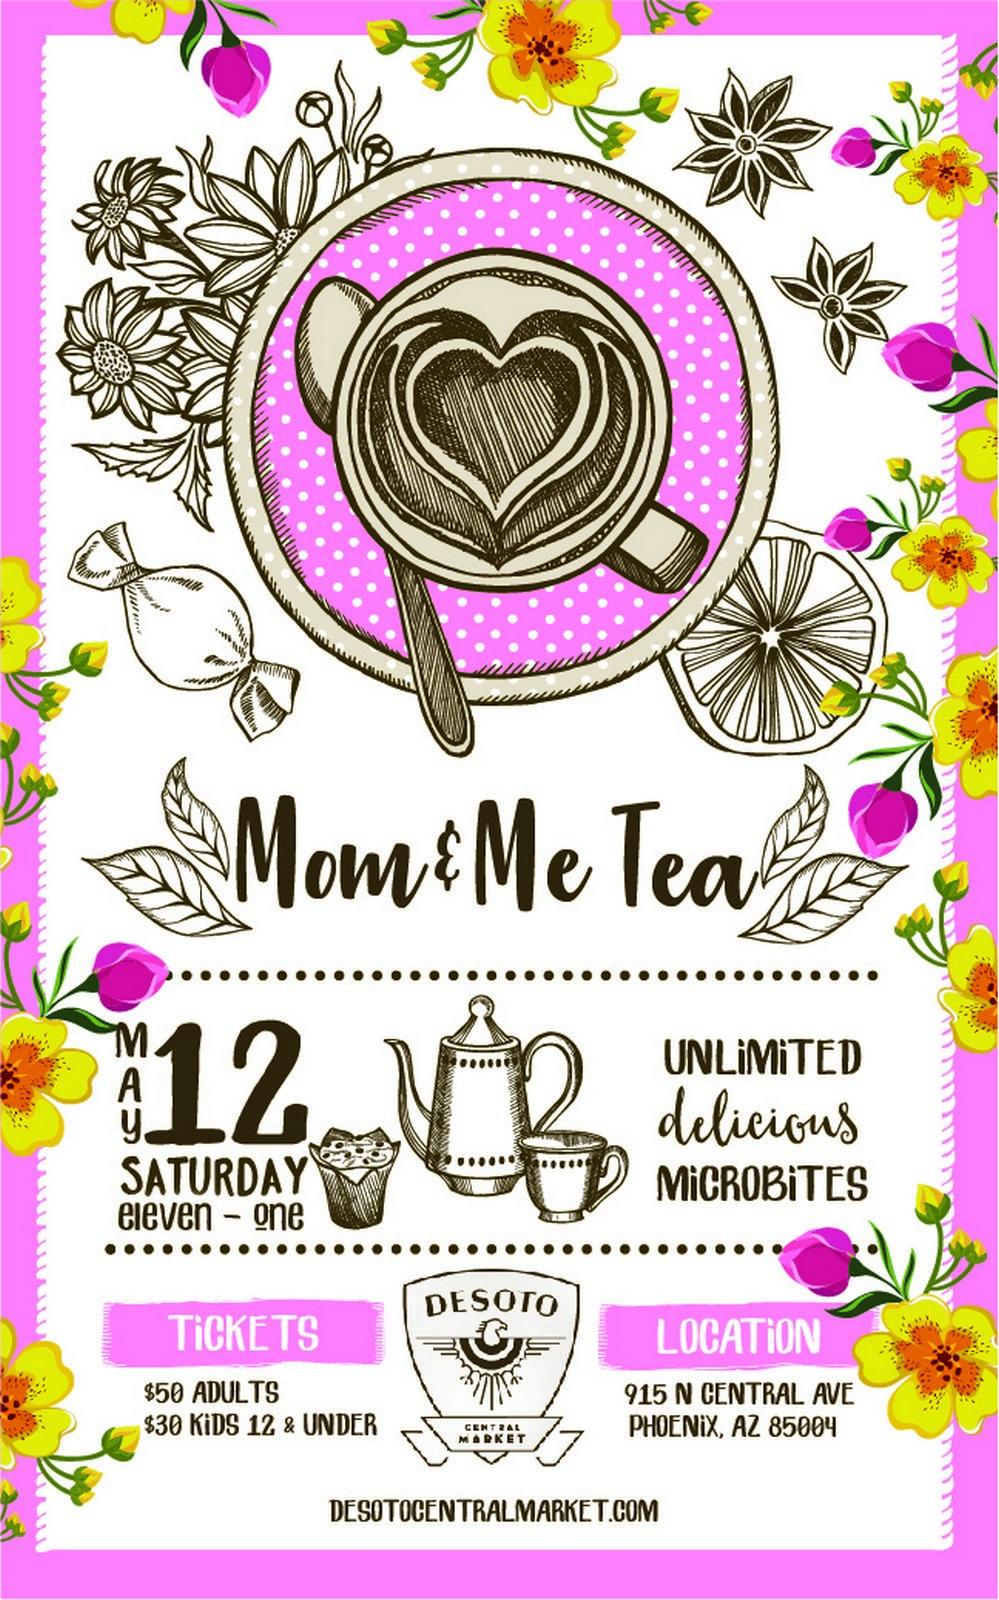 Mom & Me Tea at Desoto Market